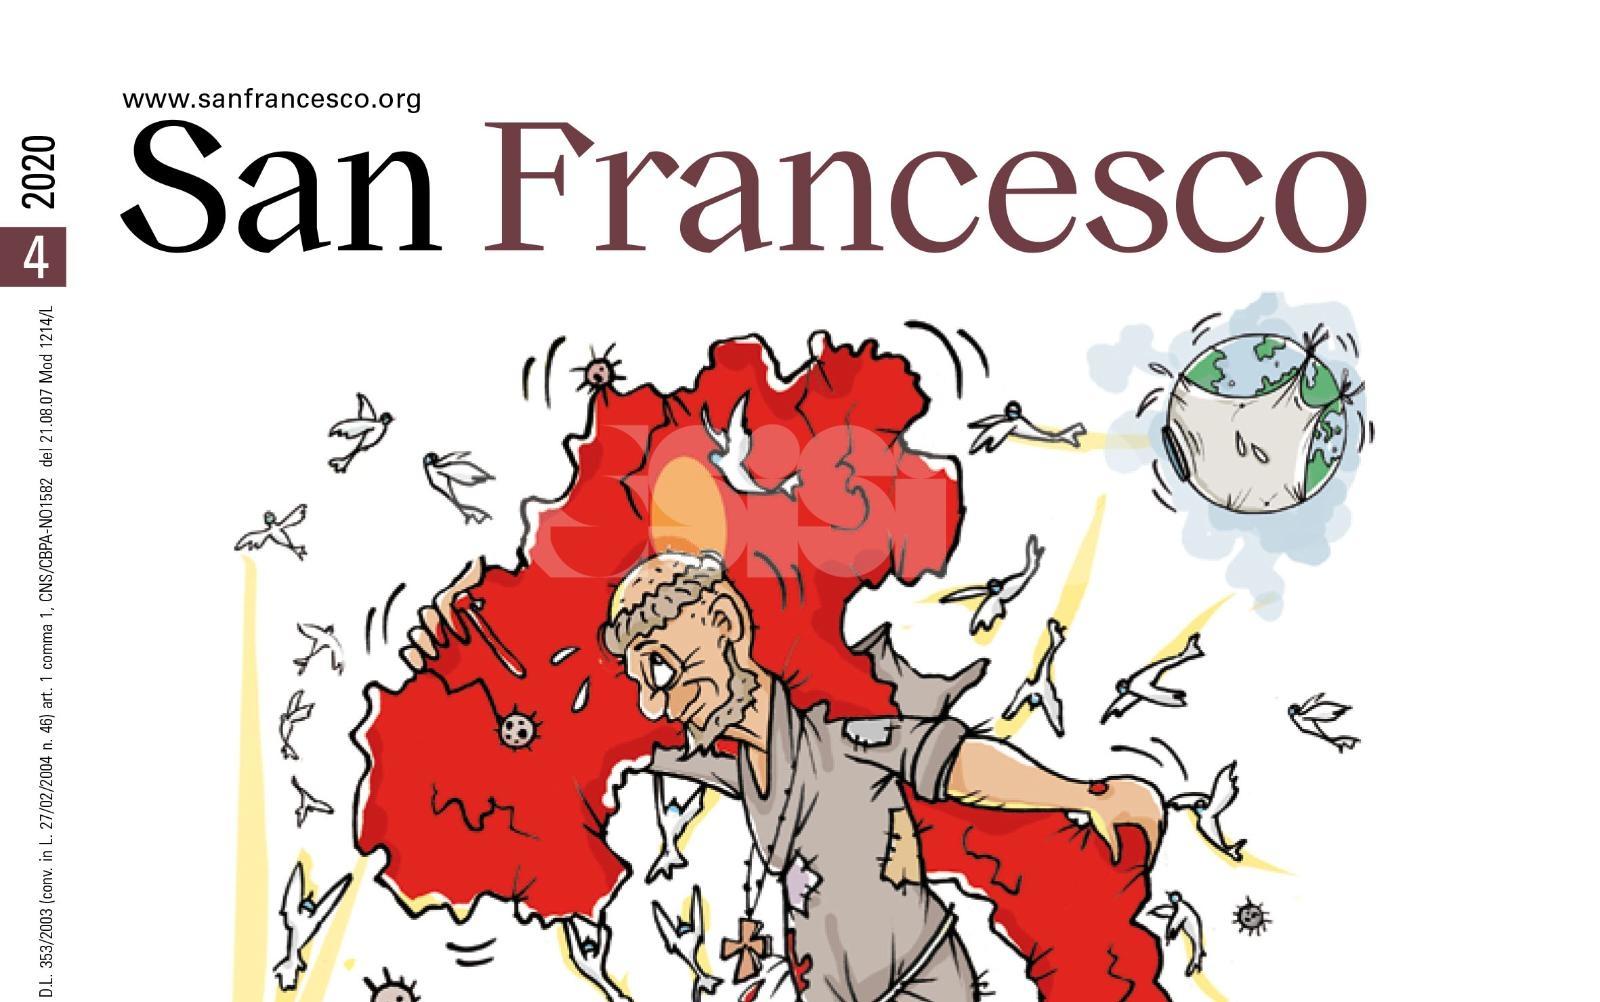 Centenario della Rivista San Francesco, incontri nelle piazze per scoprire le nuove vie della comunicazione